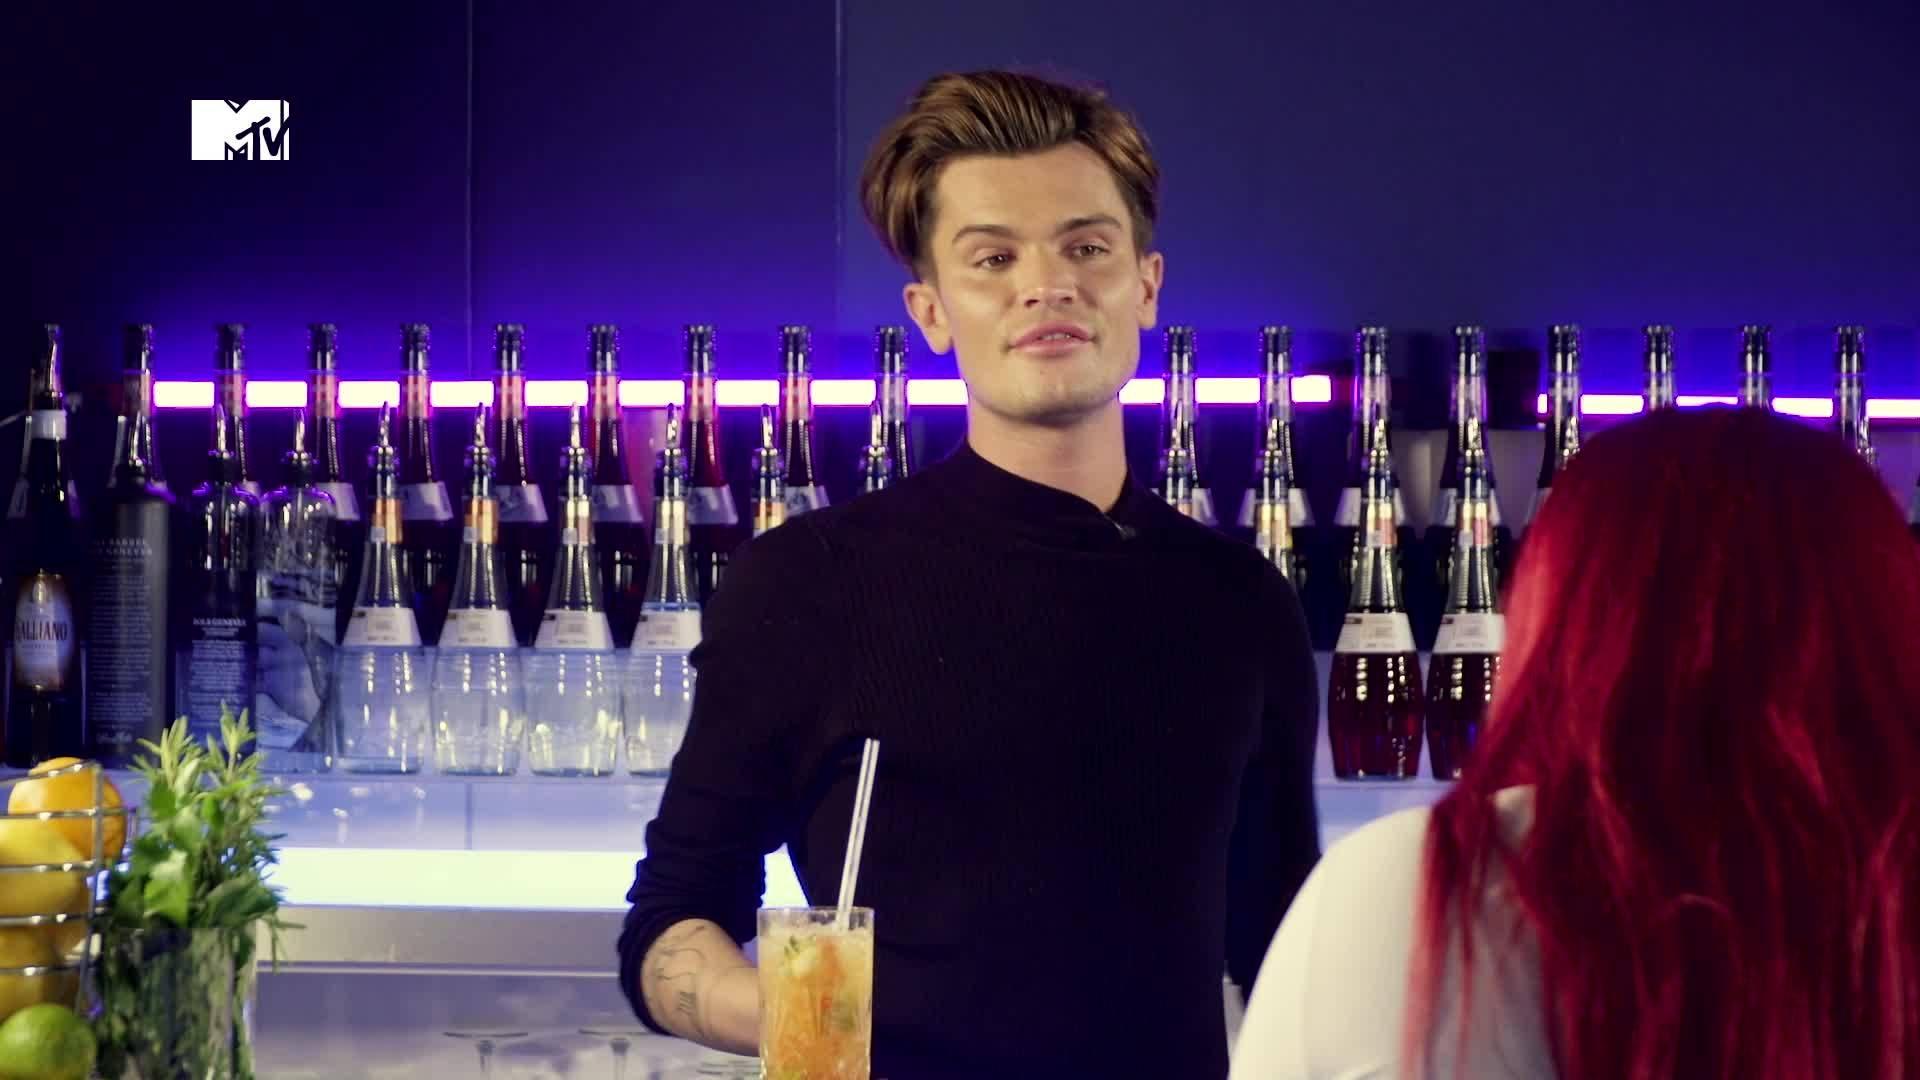 Koen's Cocktails